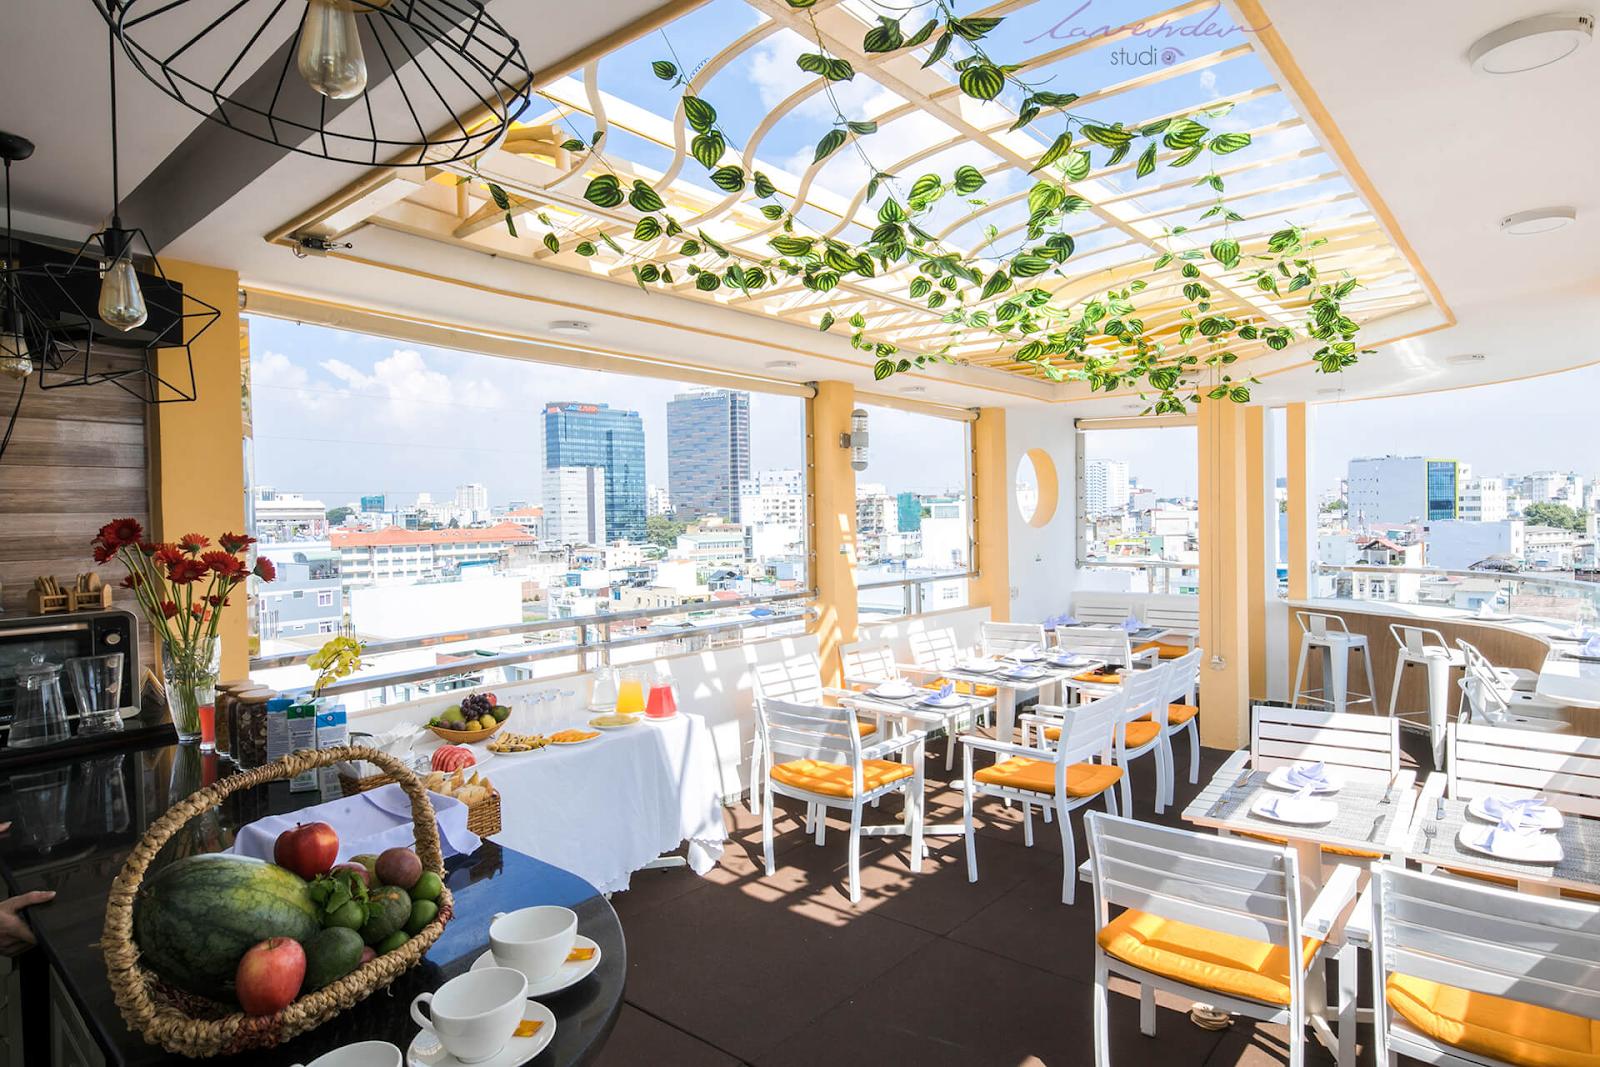 Chụp tổng quan nhà hàng ở các thời điểm khác nhau để thể hiện rõ phong cách và không gian nhà hàng